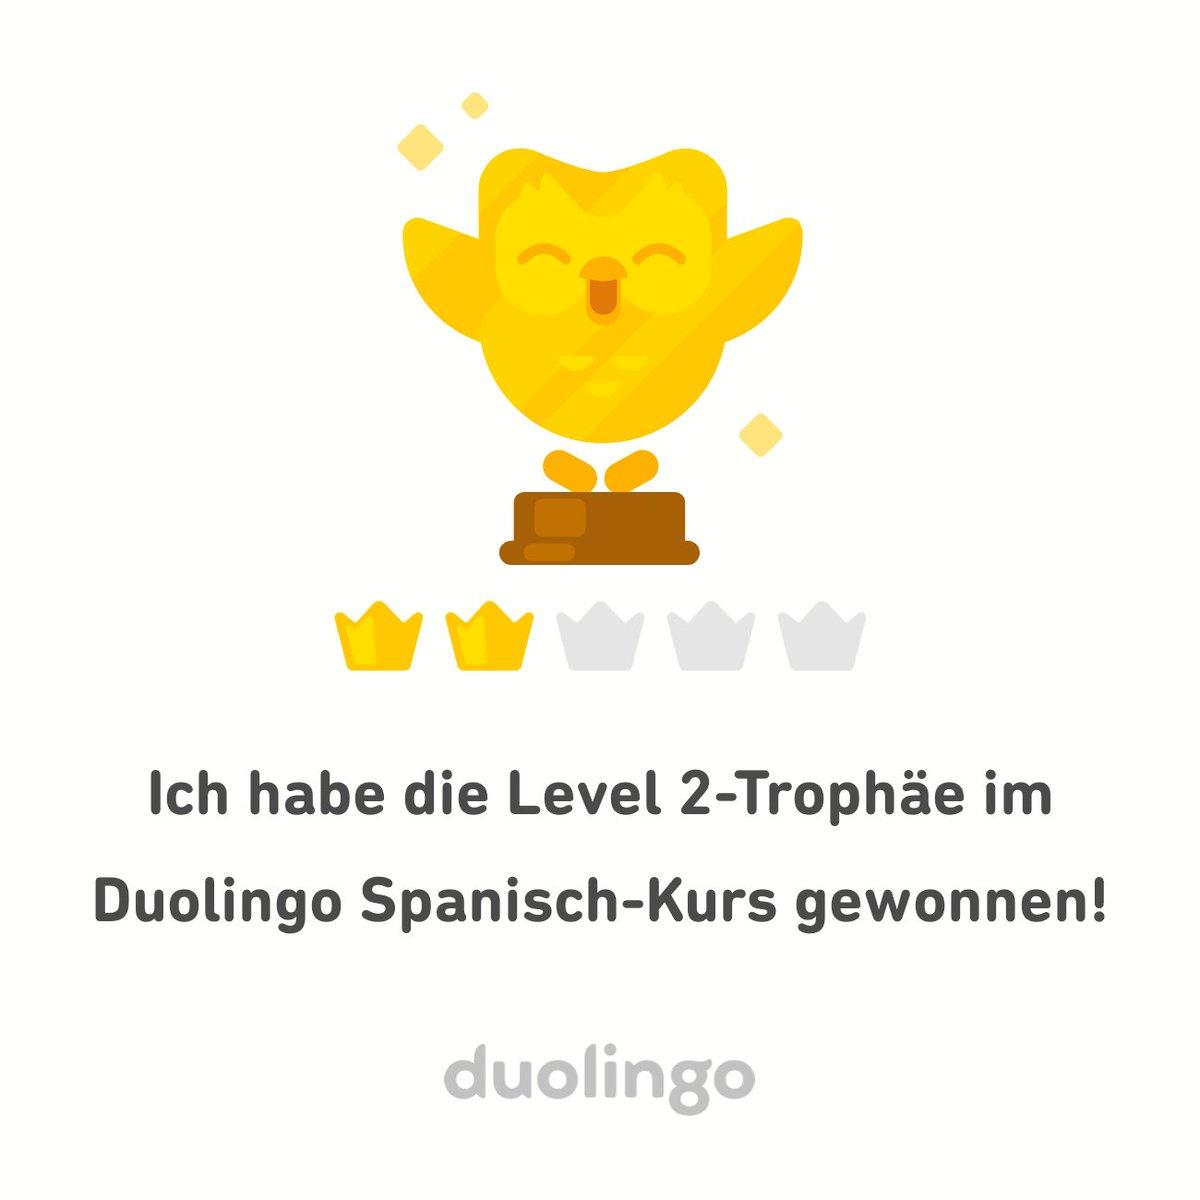 #LEX #learning #betterthanyesterday Lerne kostenlos eine Sprache mit mir! Duolingo macht Spaß und ist wissenschaftlich fundiert. Hier ist mein Einladungslink: https://t.co/pzr2nGe7FD https://t.co/9dUaboz2JB